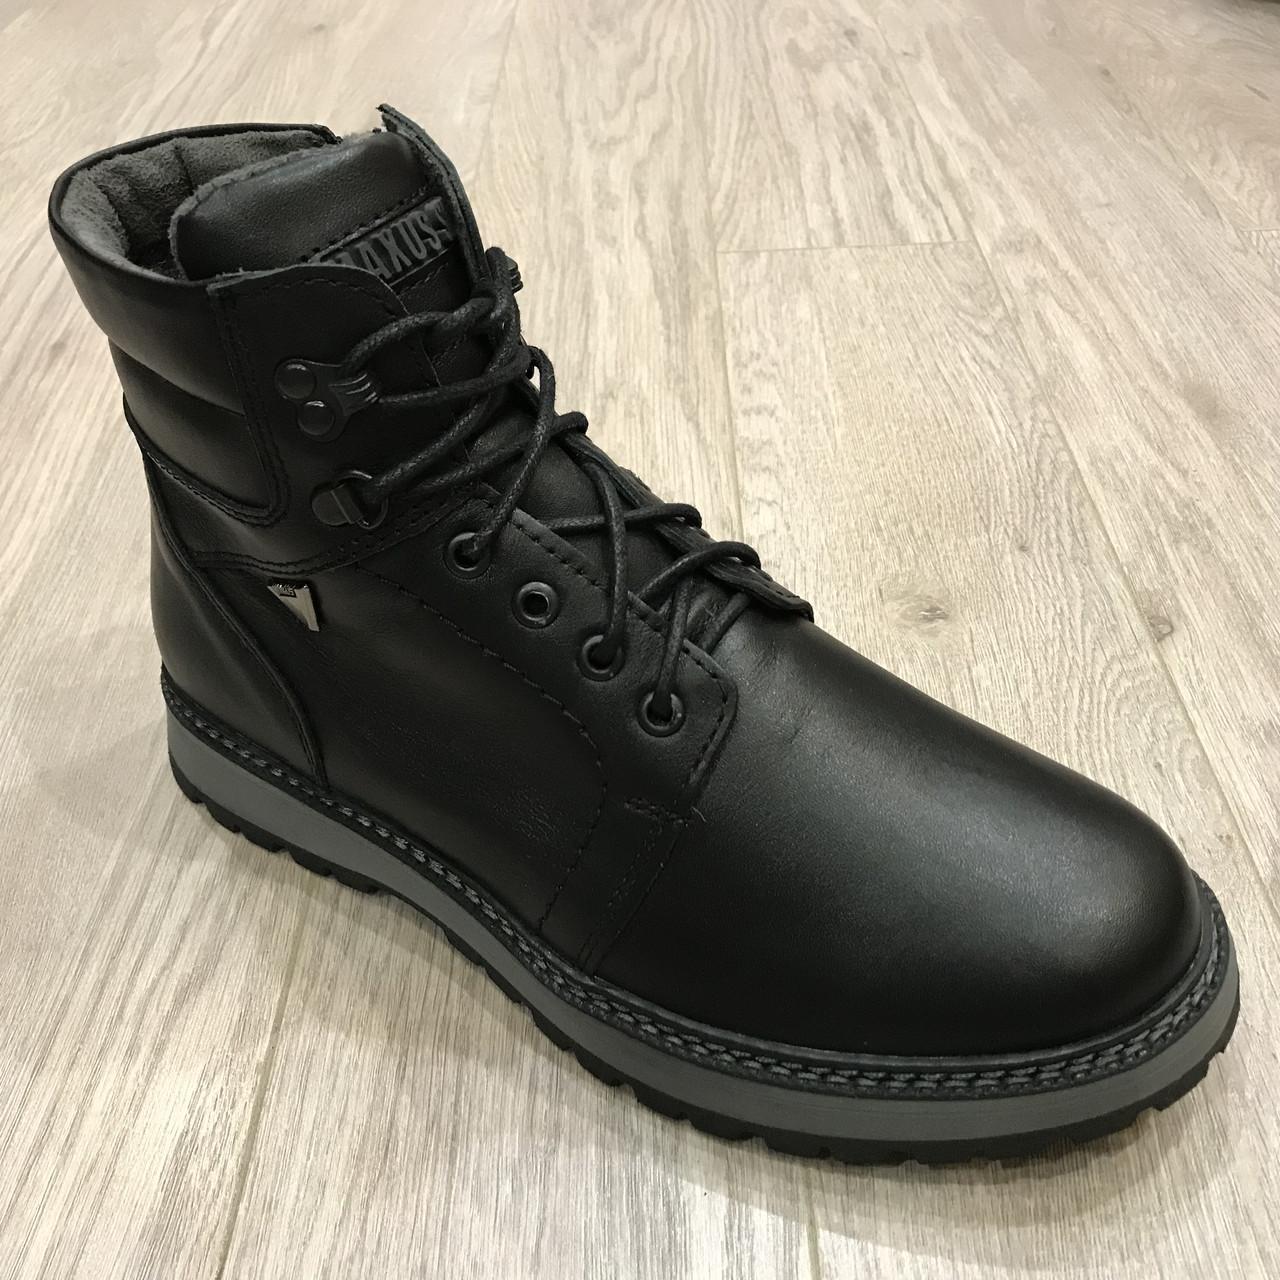 42,43 р  Мужские ботинки кожаные на молнии тёплые